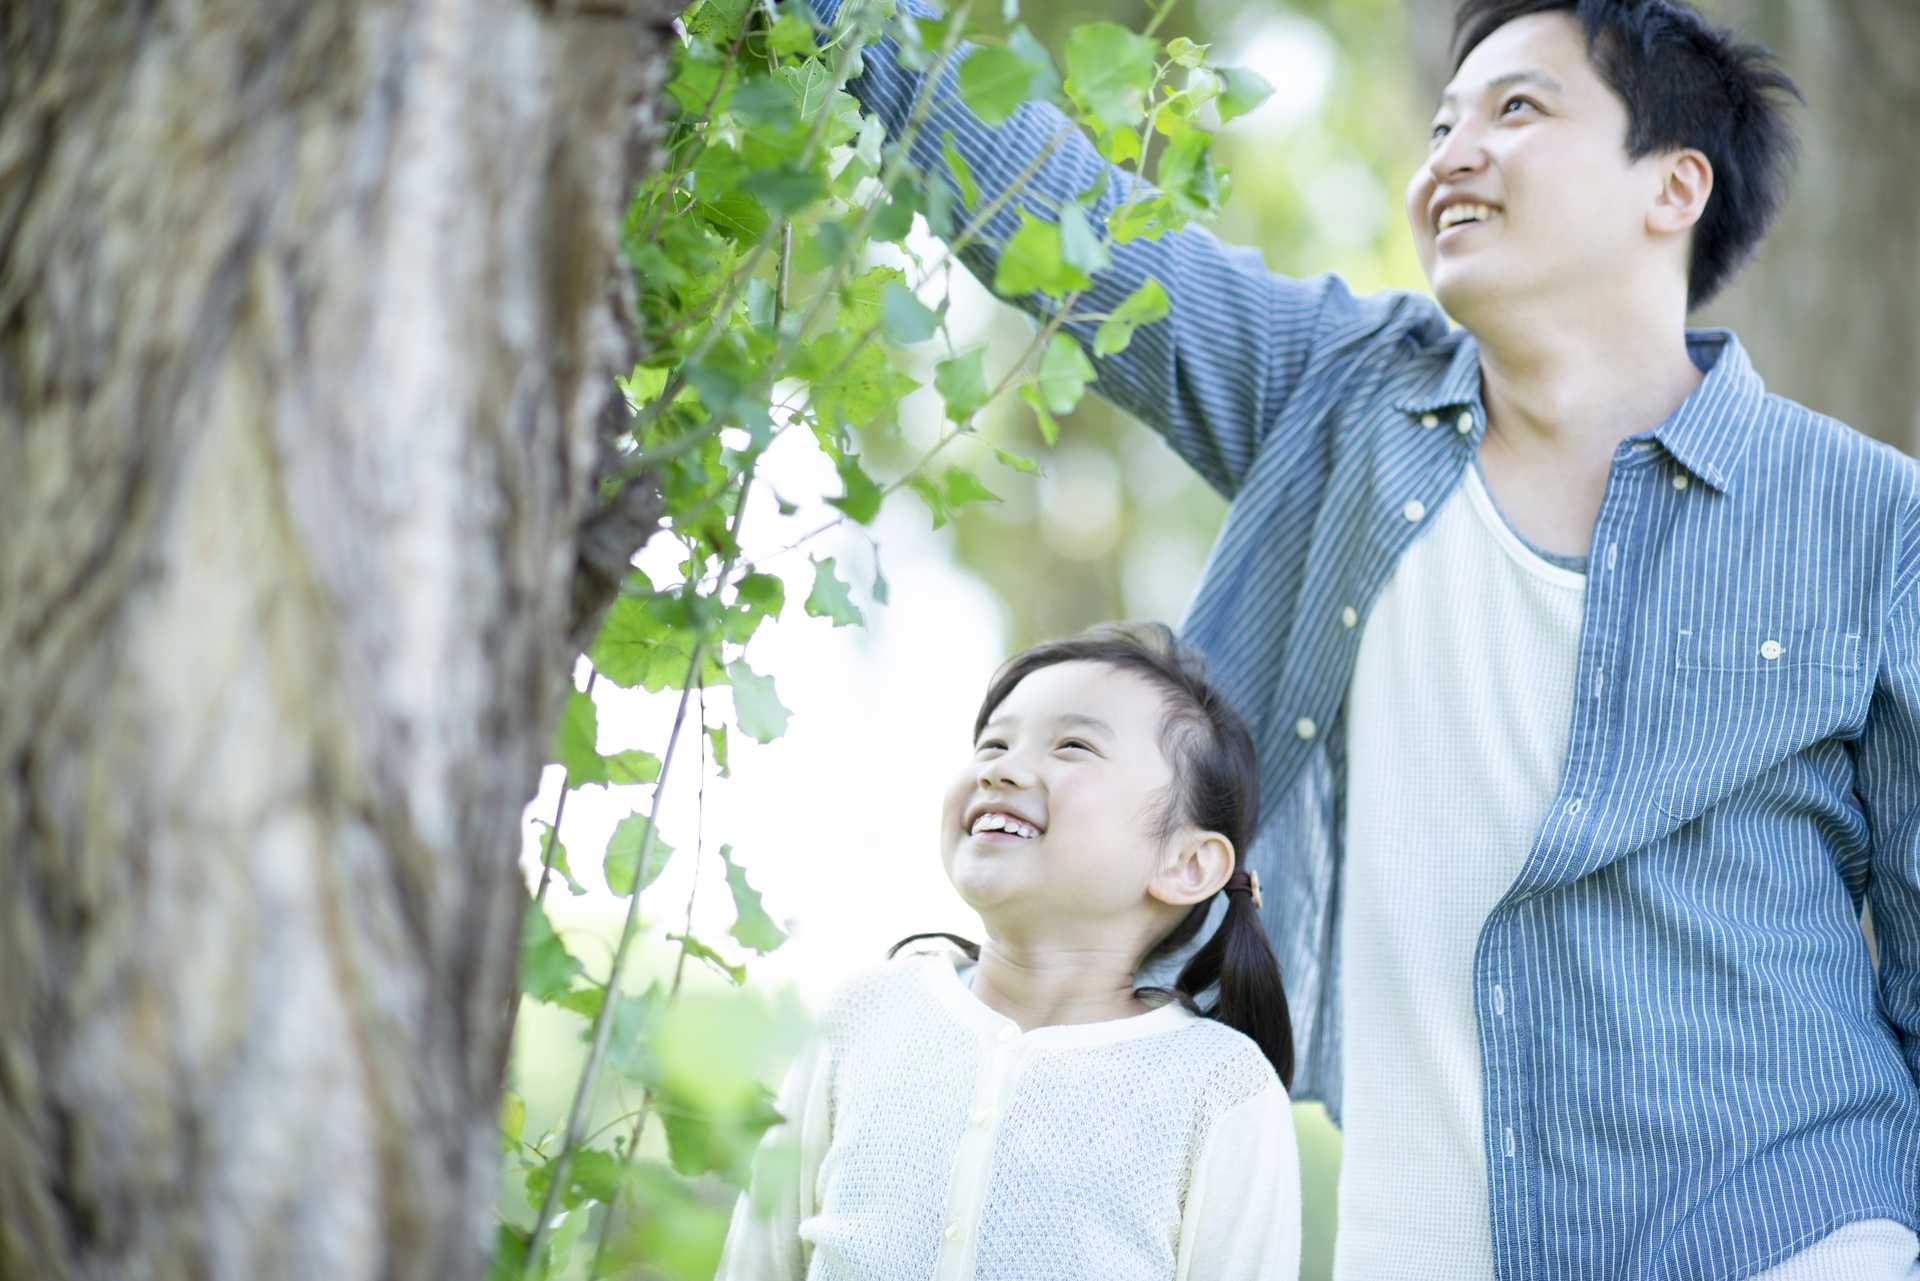 散歩の達人は、手を使って生命力を感じ取る。 | 散歩の楽しみ方に気づく30のポイント